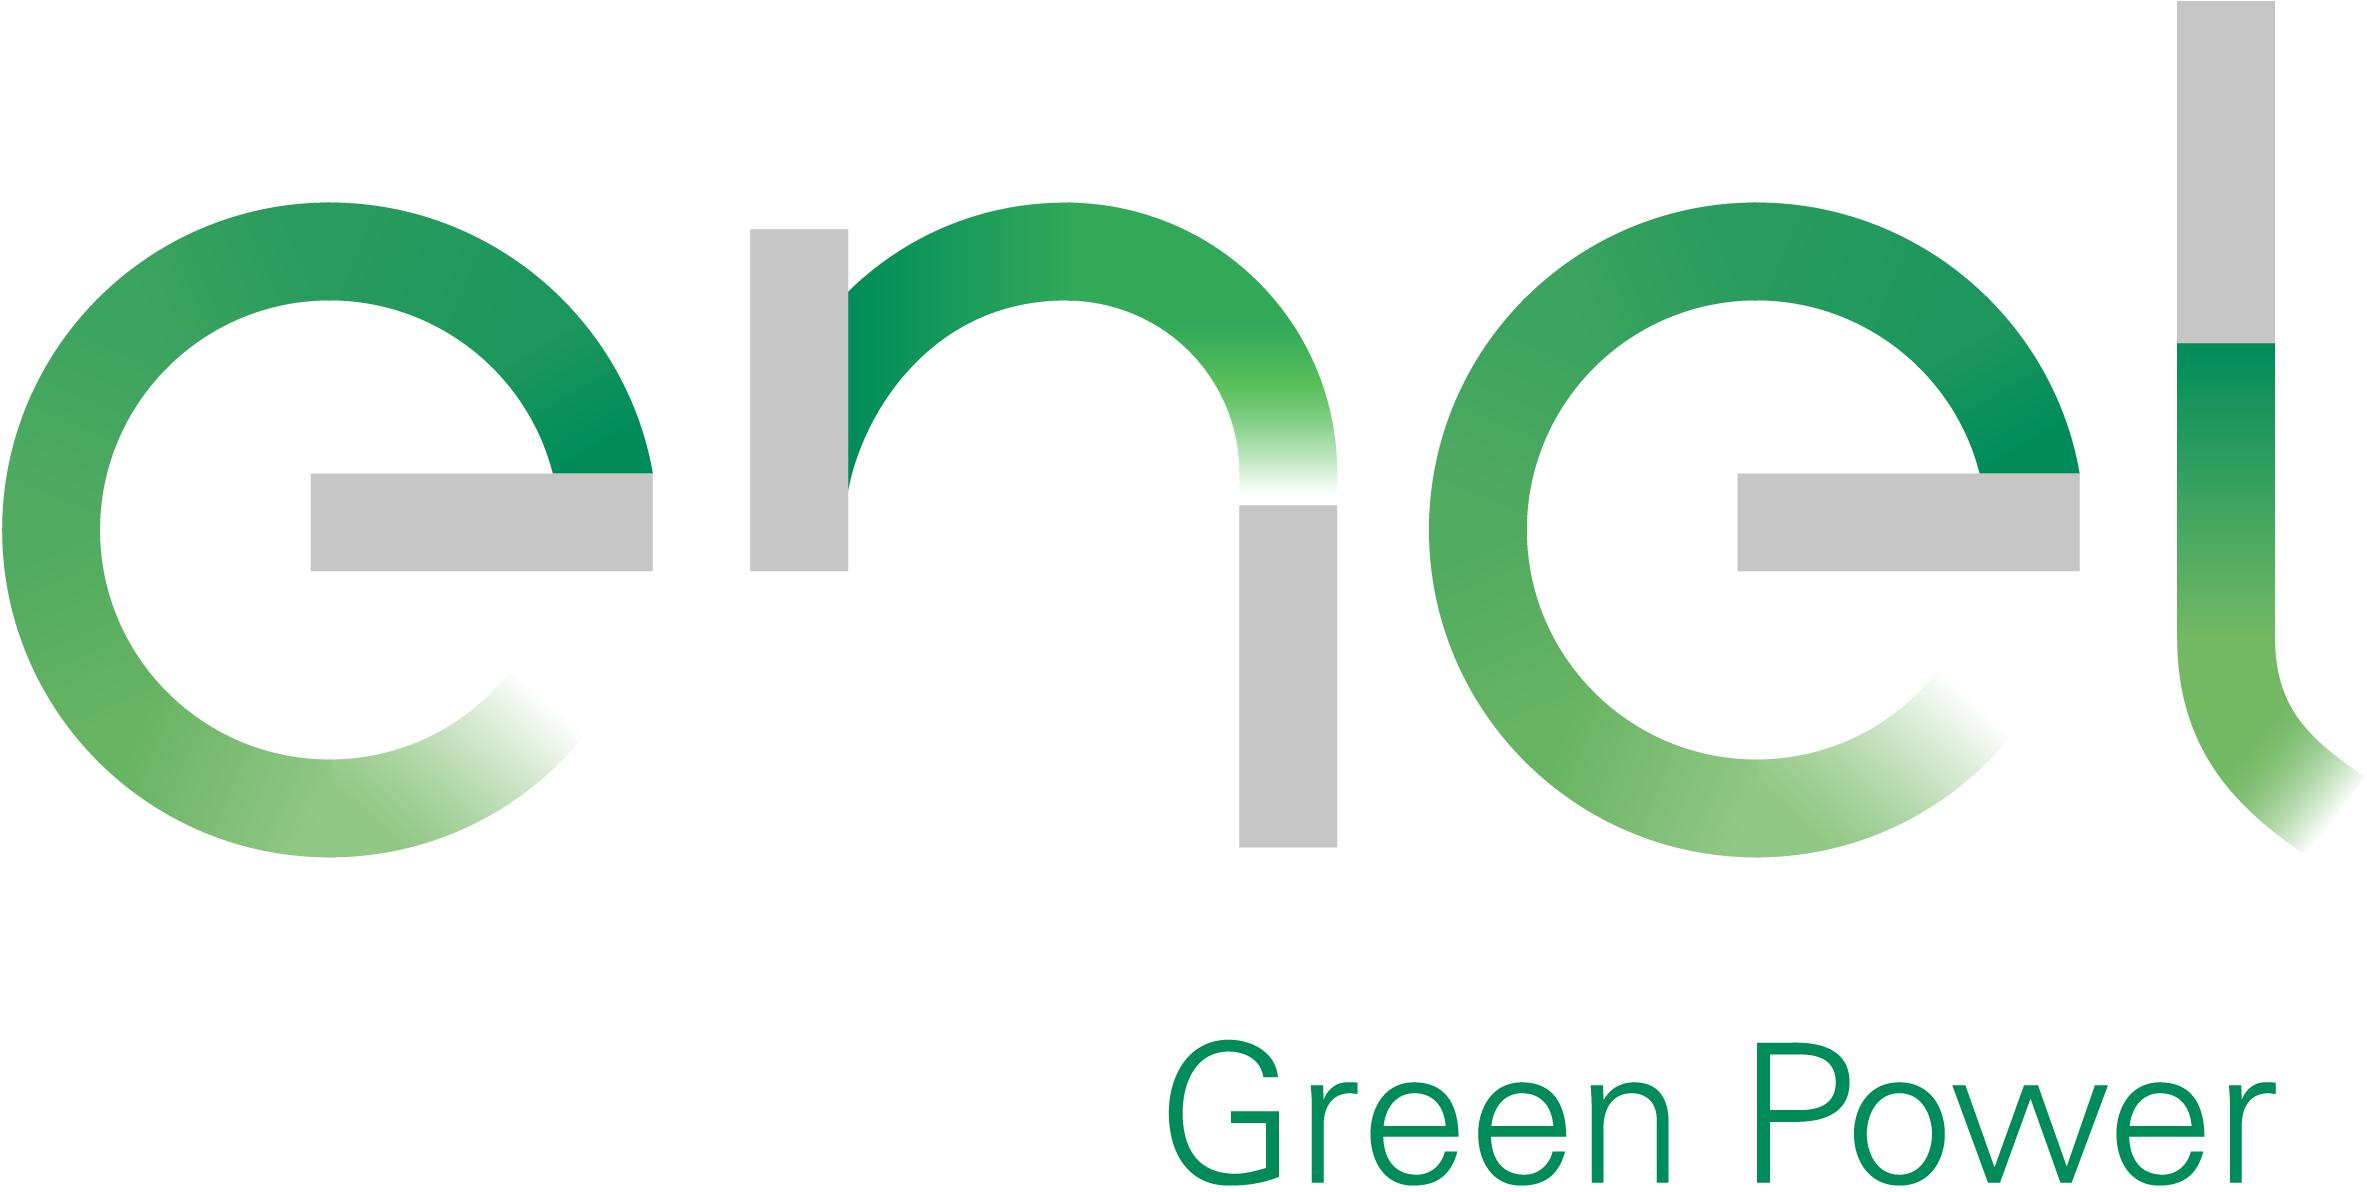 18 07 21 22 00 04 Enel Green Power